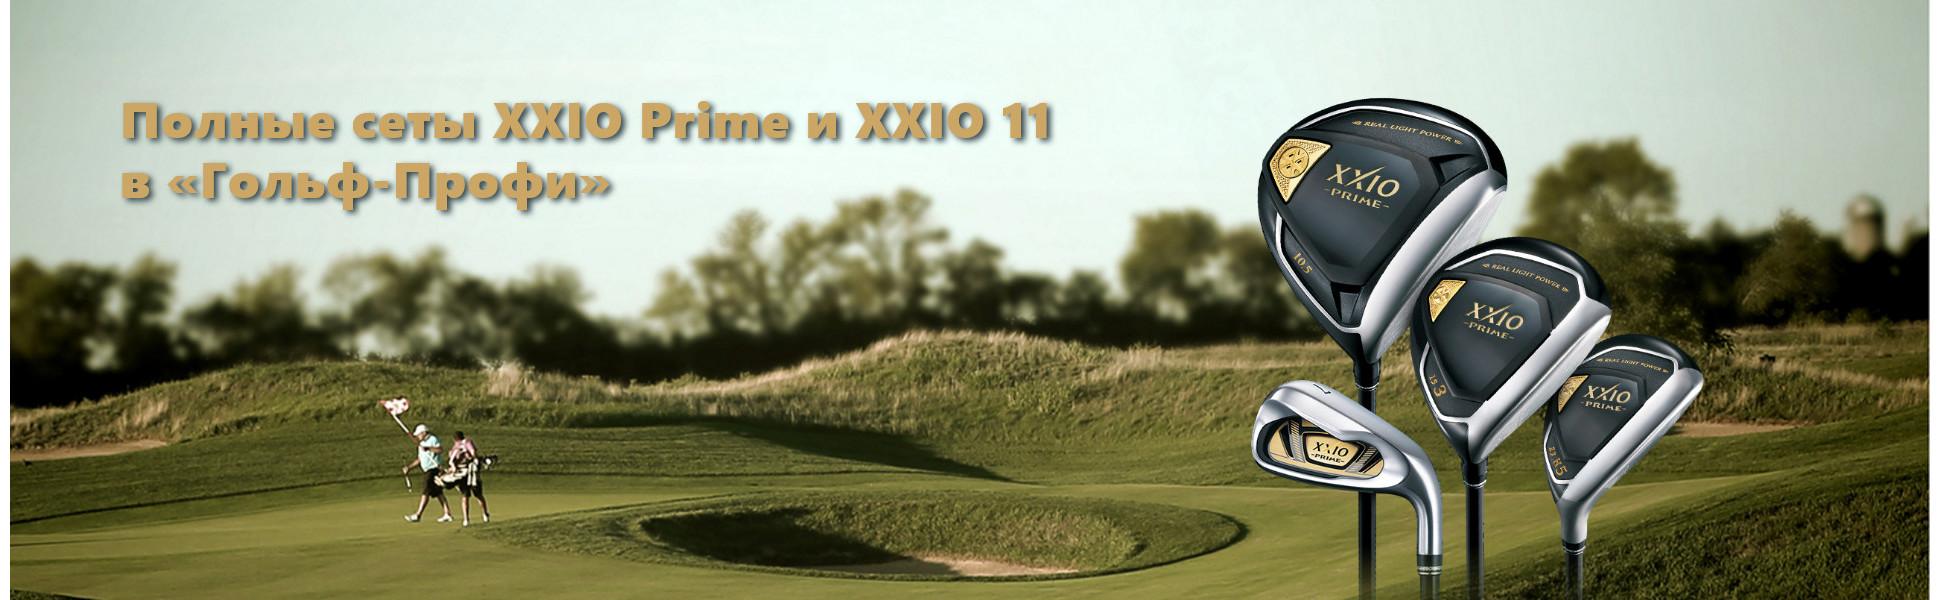 Полные сеты XXIO Prime и XXIO 11 в «Гольф-Профи»